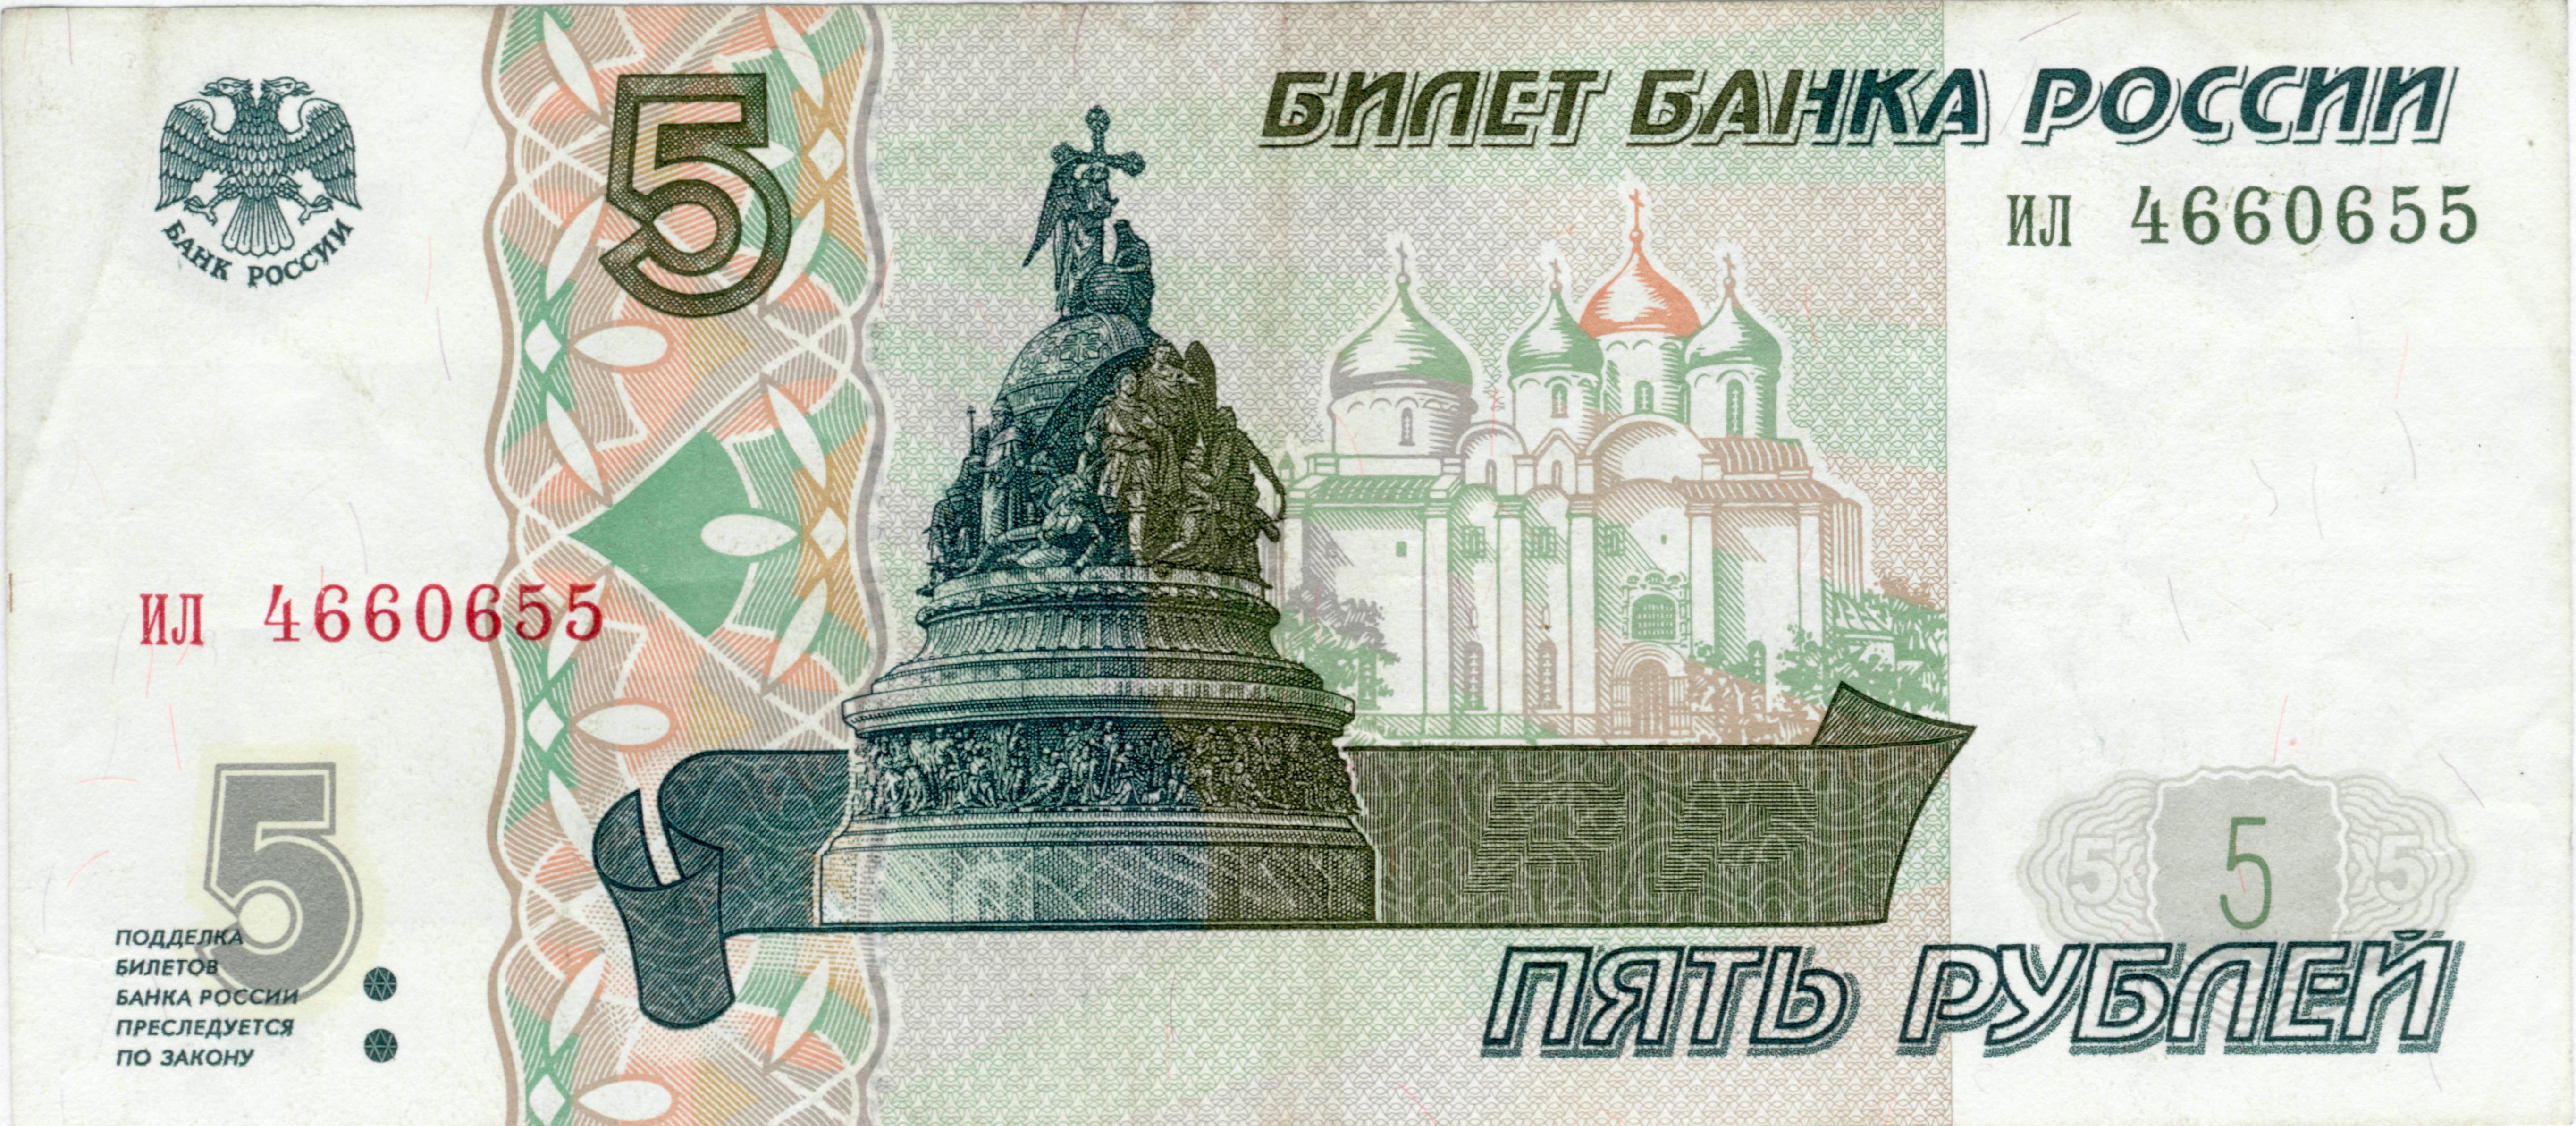 Купить ссылки 5 рублей